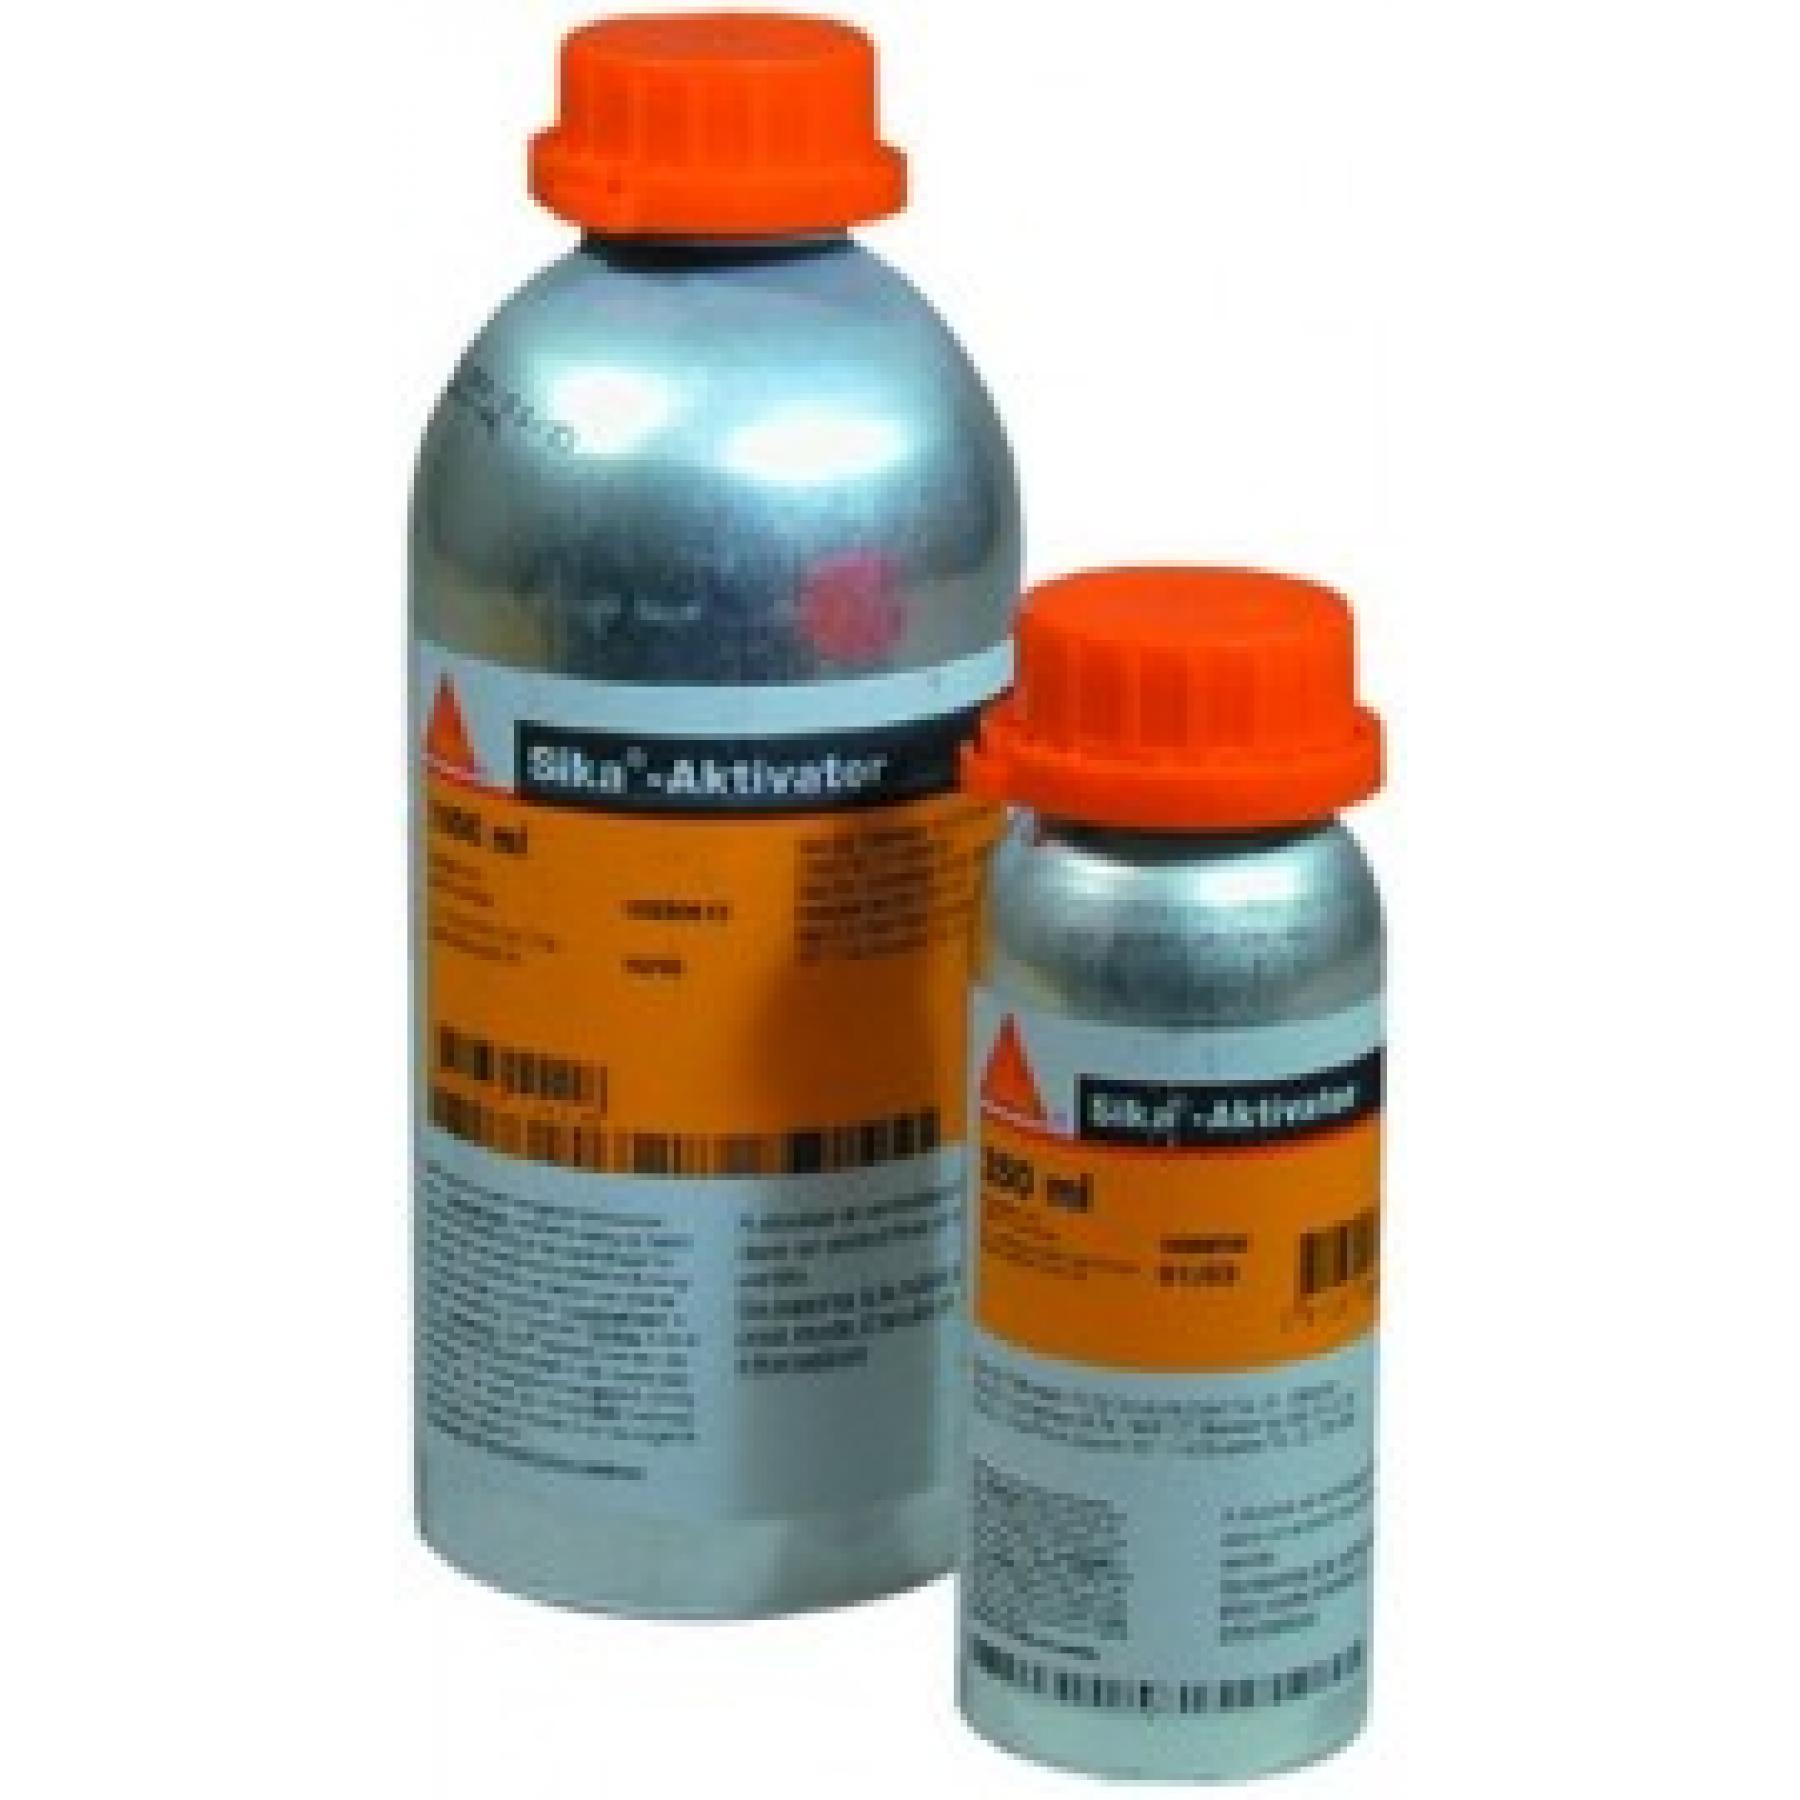 Aktivator voor ruitenkit 30 ml.